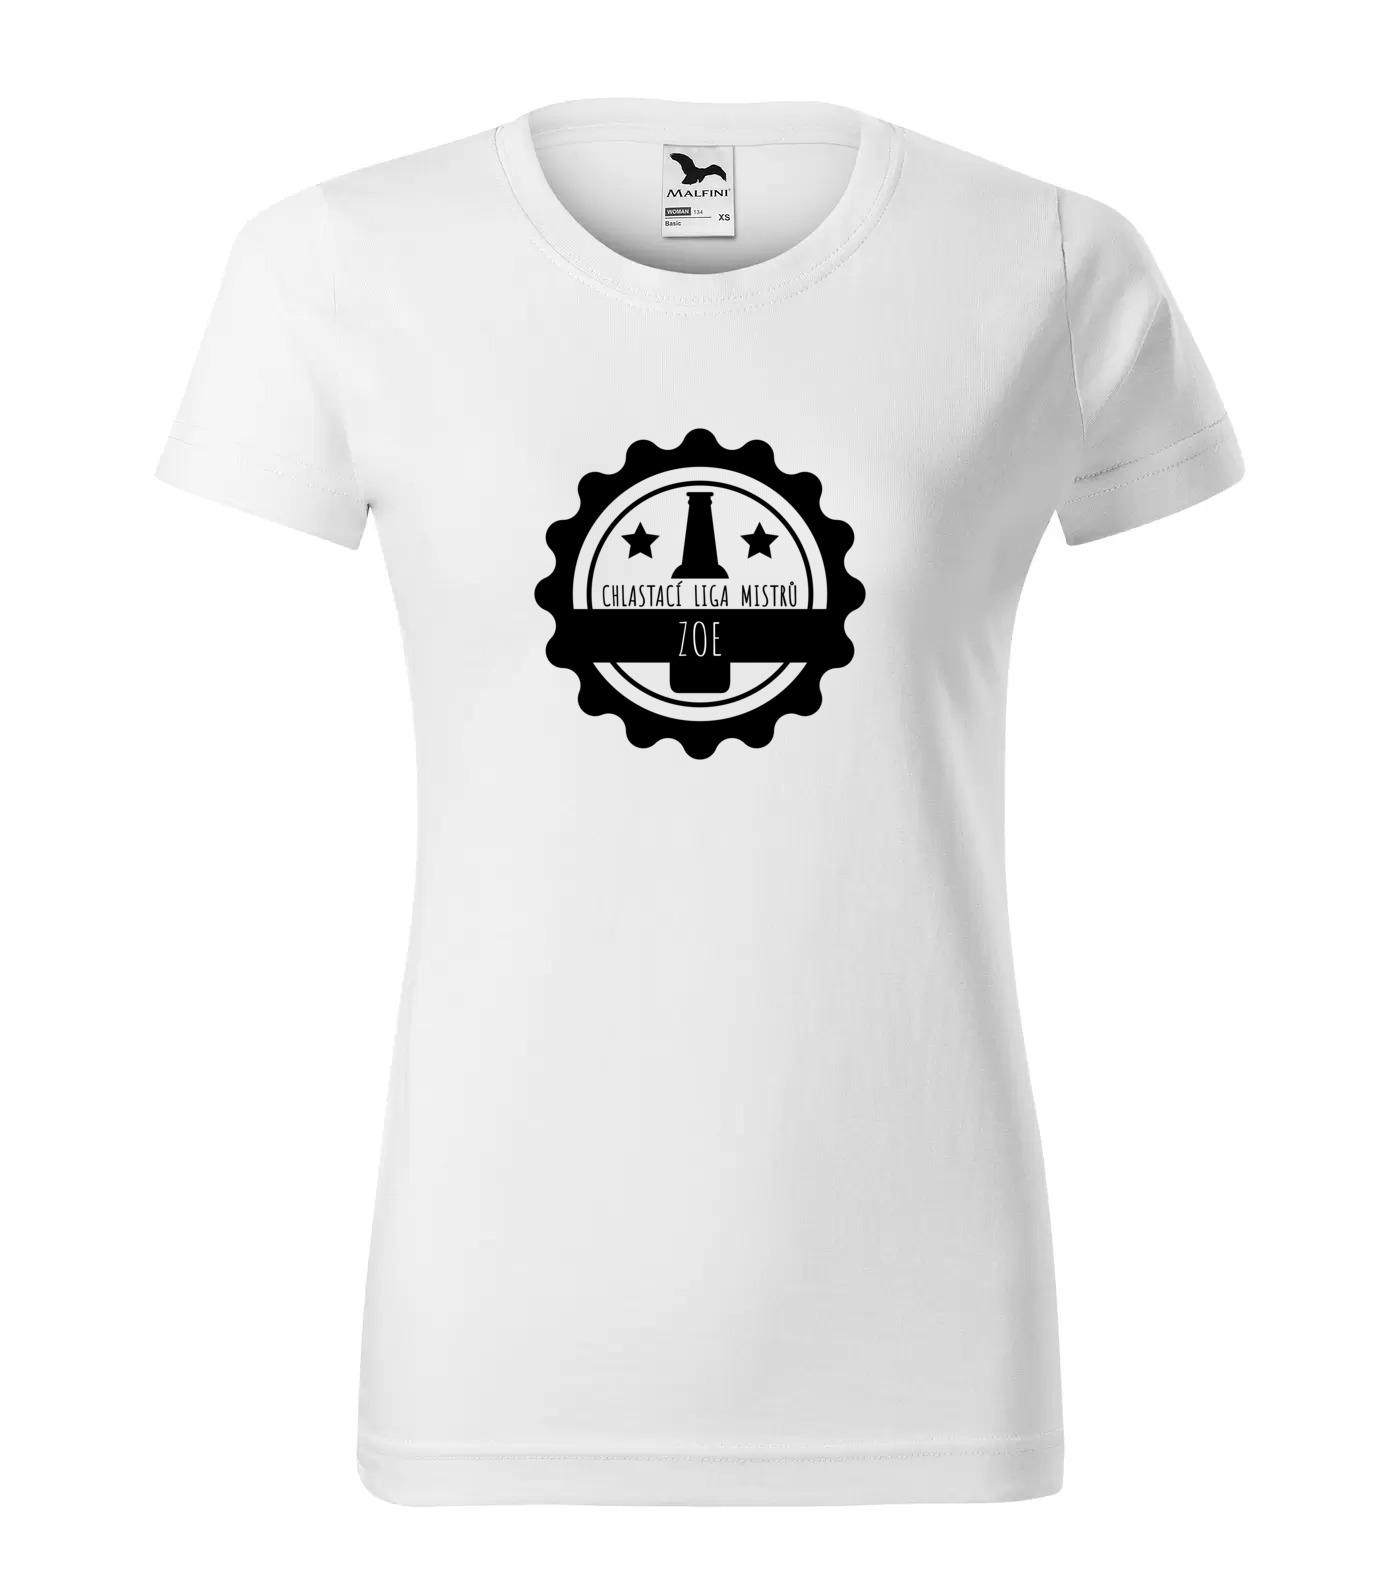 Tričko Chlastací liga žen Zoe